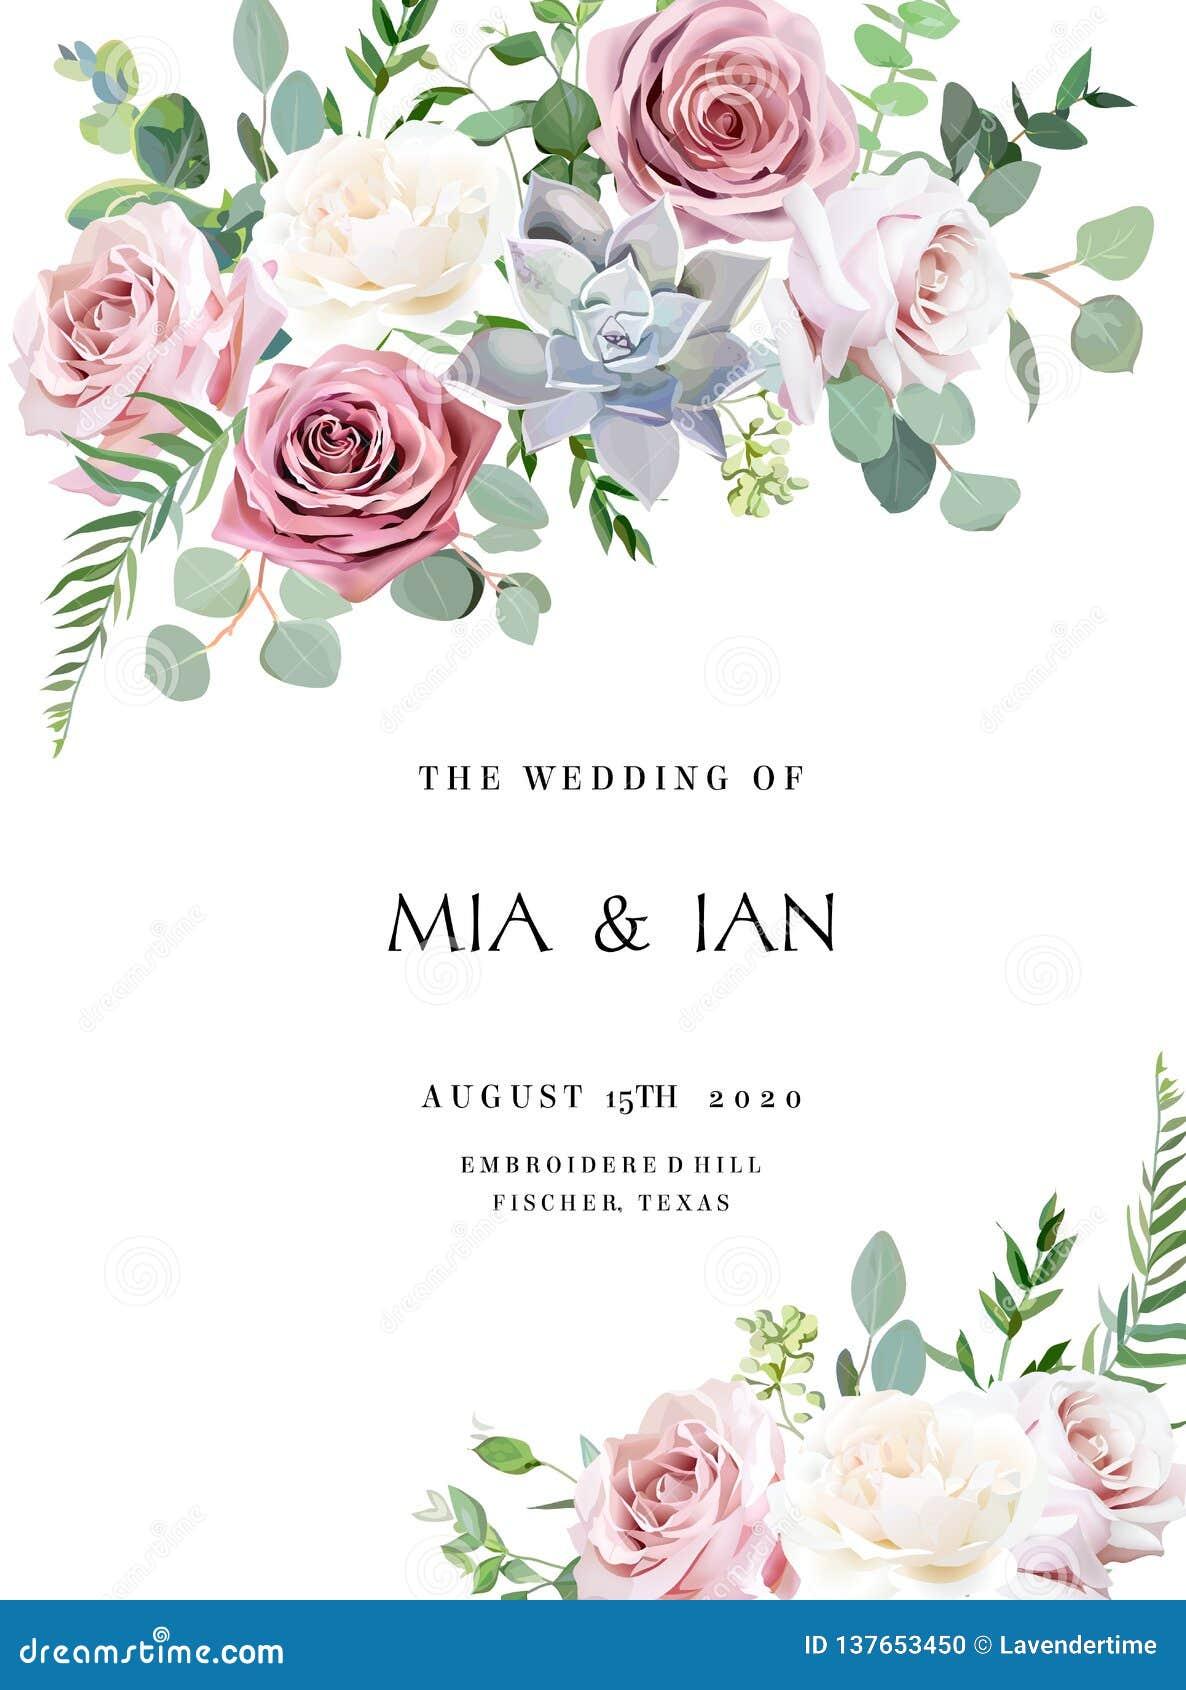 Rosa empoeirado, rosa antiga branco-amarelada, quadro pálido do casamento do projeto do vetor das flores